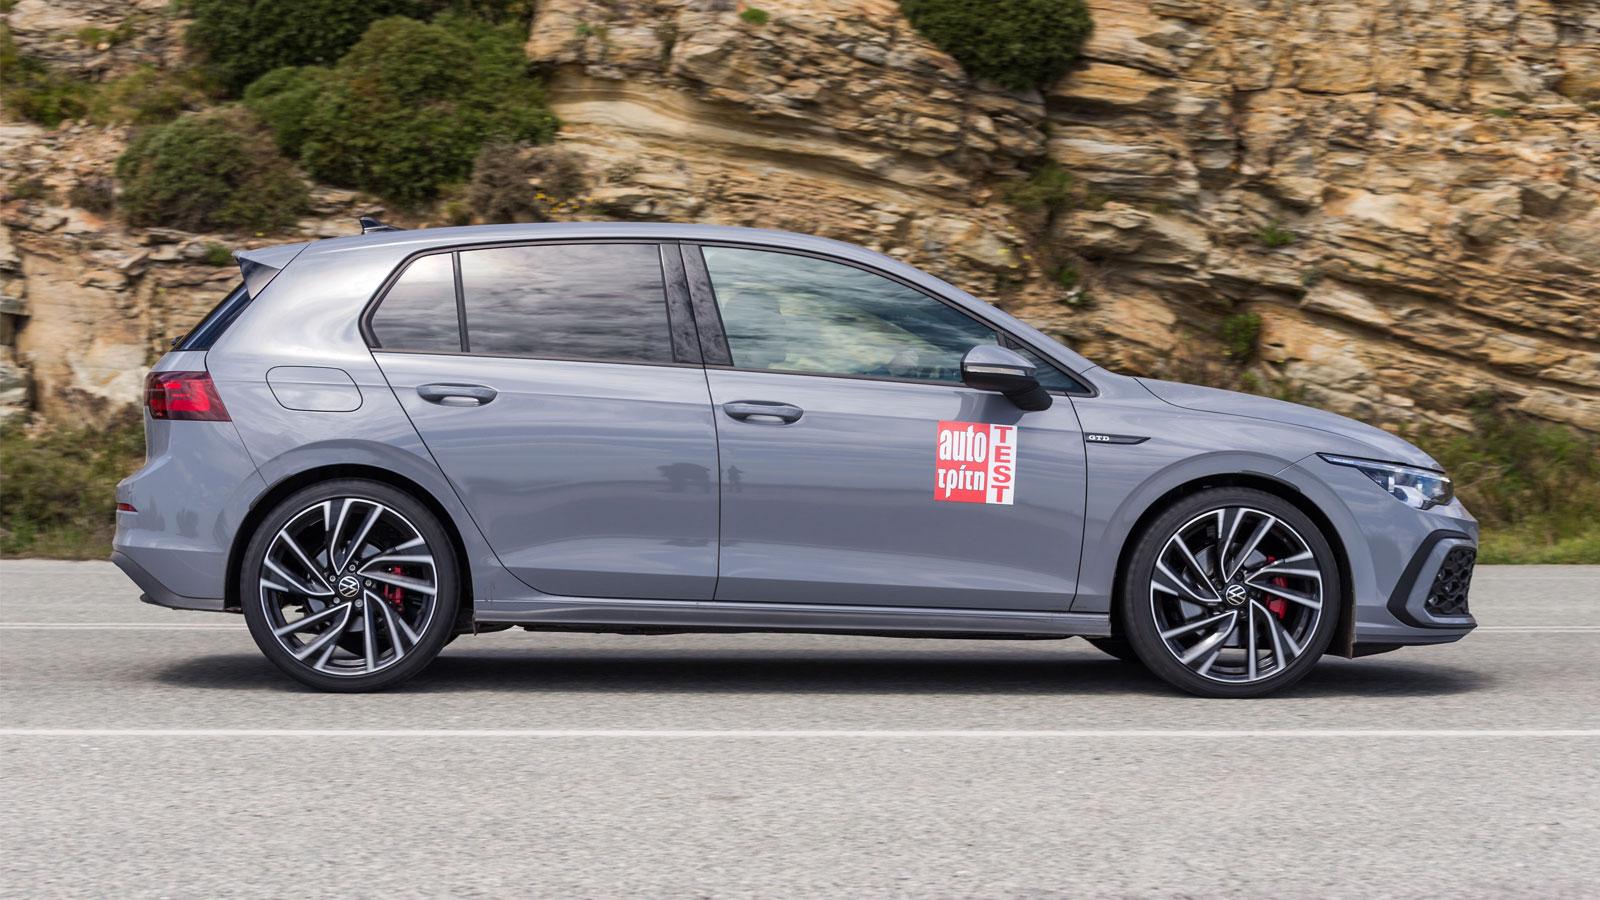 Η εξαιρετική οδηγική αίσθηση  του VW Golf GTD ενισχύεται από το επίπεδο προφίλ πέλματος που διαθέτει το Sport Μaxx RT2, όπως όλα τα νέα ελαστικά της Dunlop.